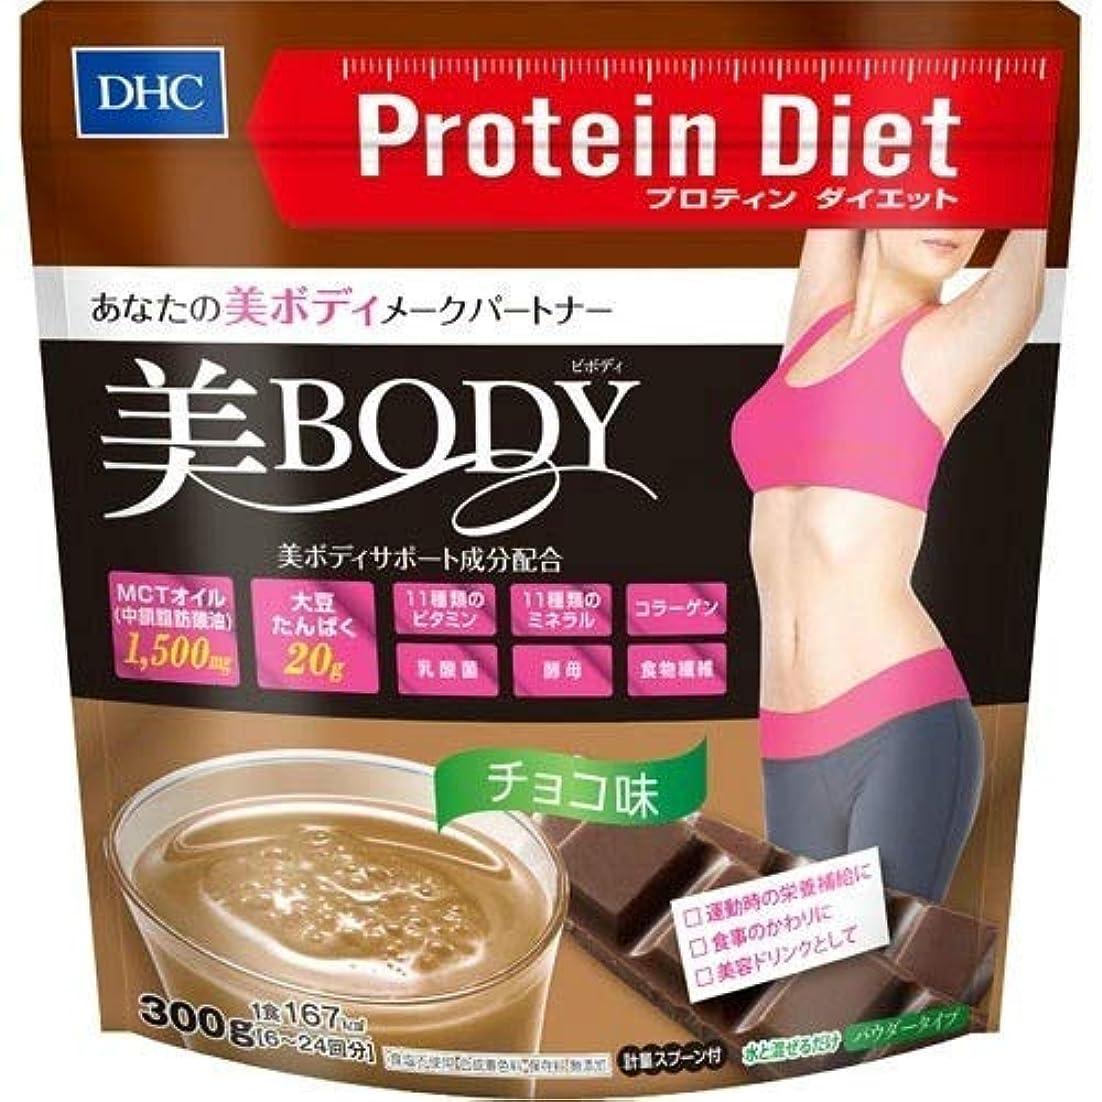 冷ややかな平行暴力DHC プロテインダイエット 美Body チョコ味 300g × 5個セット